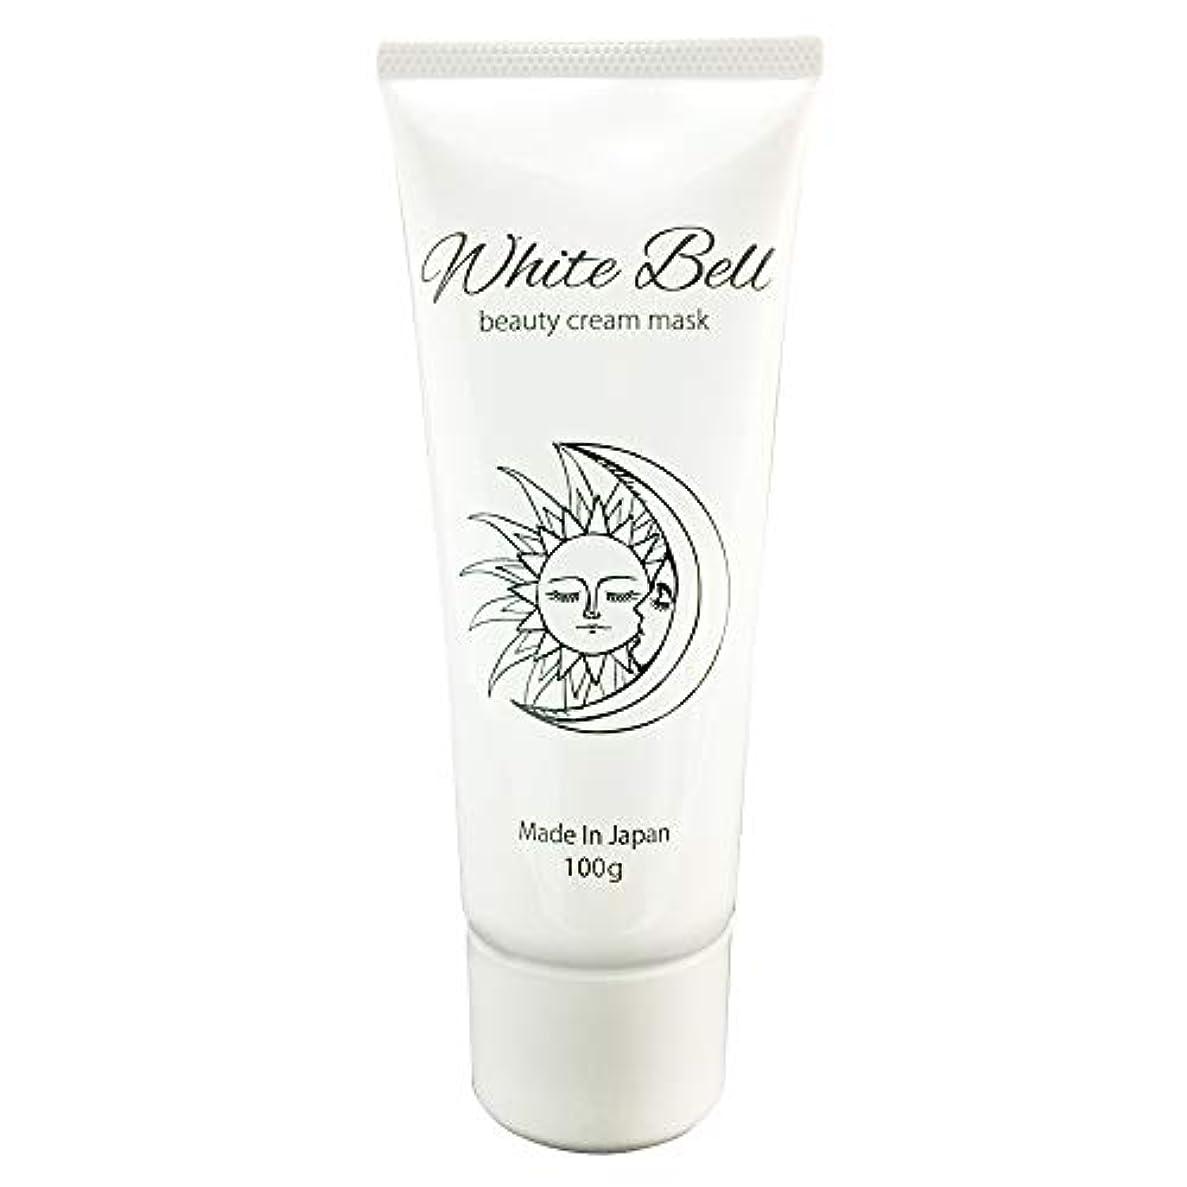 保存達成するしっかりWhite Bell (ホワイトベル) フェイスマスク ジェルマスク ホワイトニング 美白